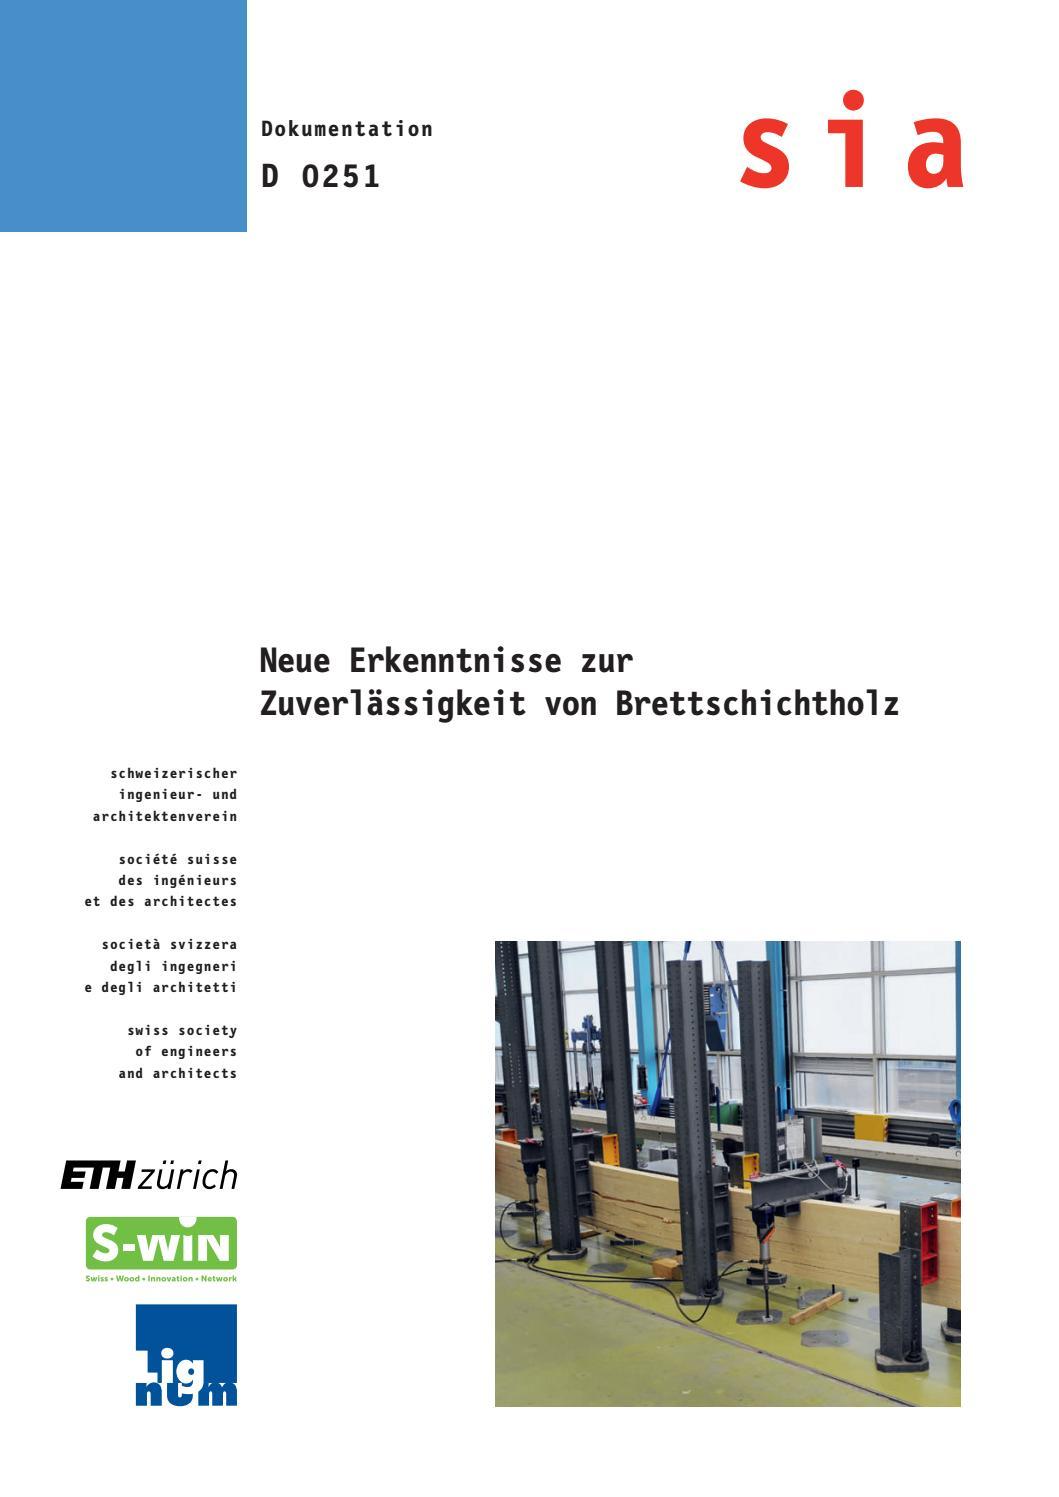 SIA Dokumentation 0251: Neue Erkenntnisse zur Zuverlässigkeit von  Brettschichtholz by Lignum - issuu